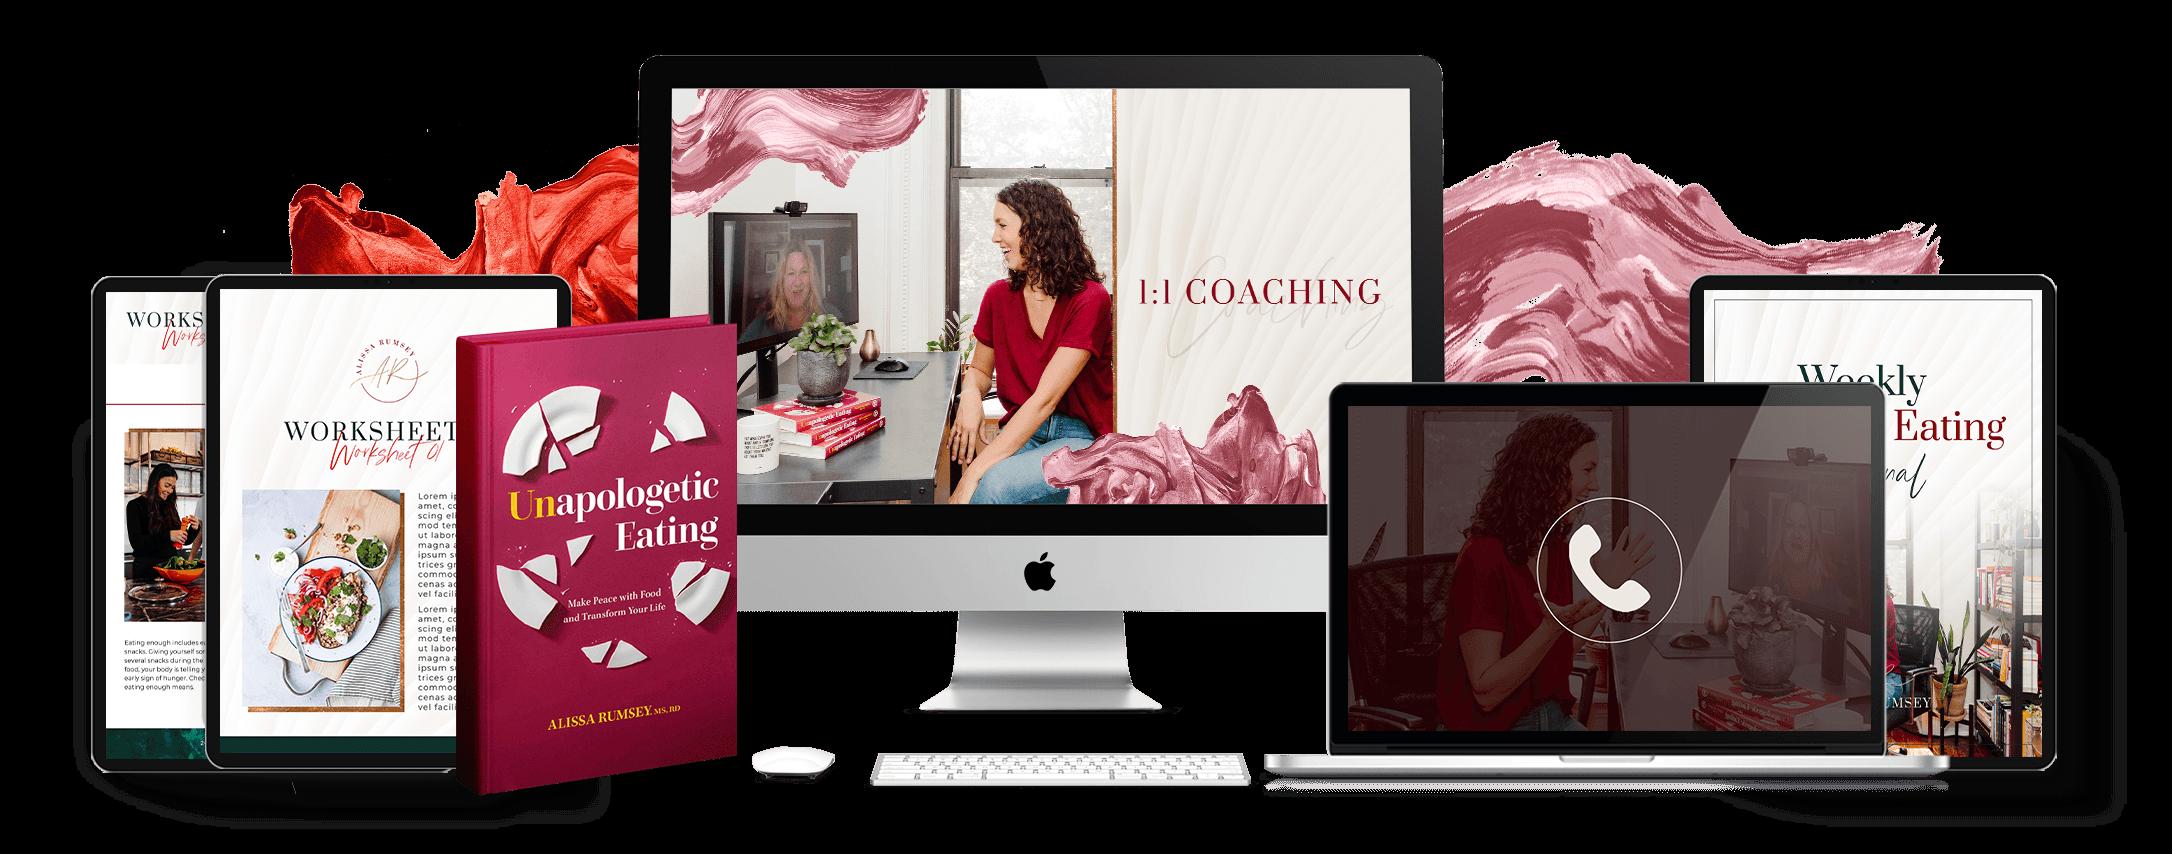 1-1 Coaching Mockup V01